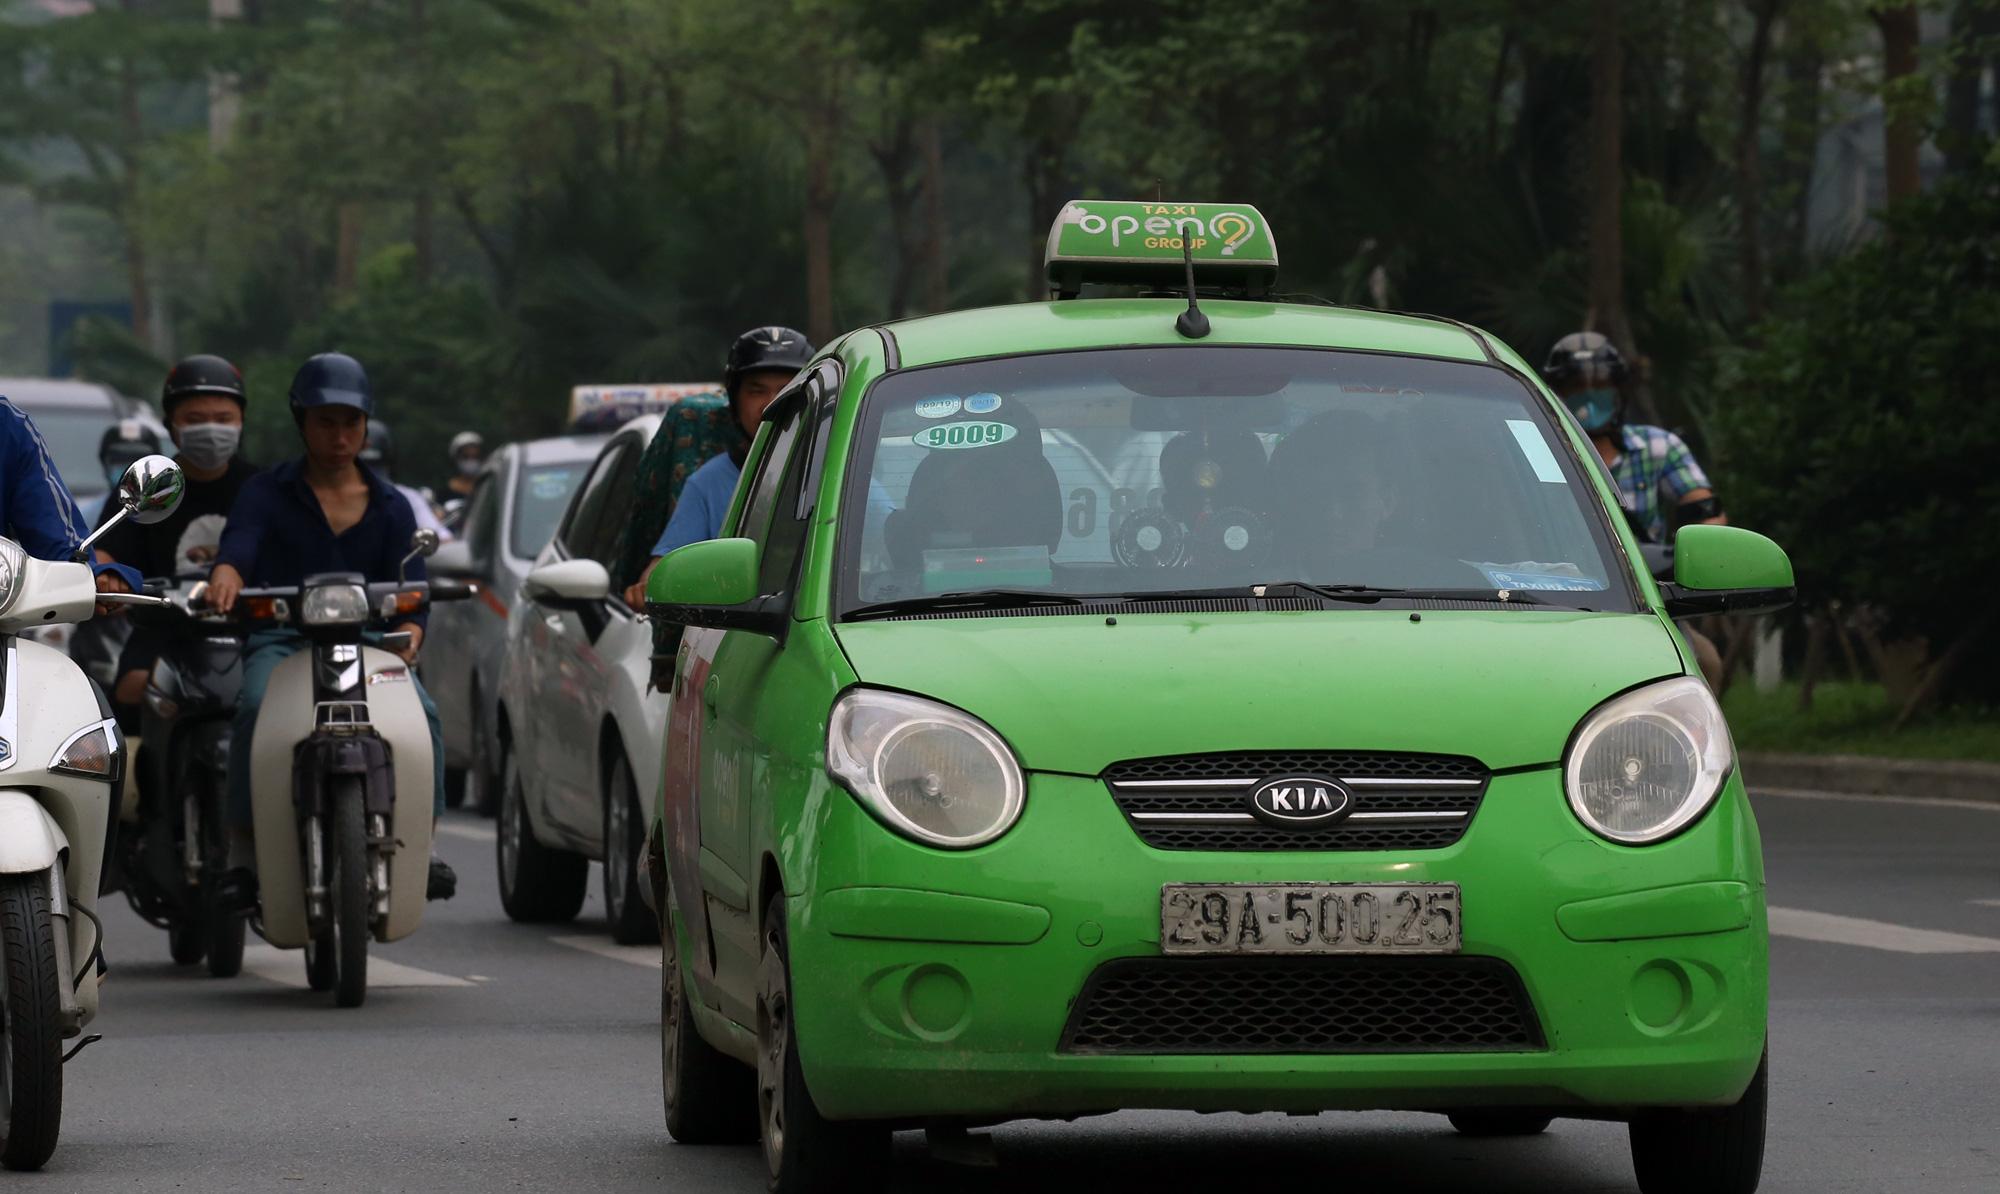 Tạm dừng taxi vận chuyển khách ở sân bay Nội Bài trong thời gian cách li xã hội - Ảnh 1.